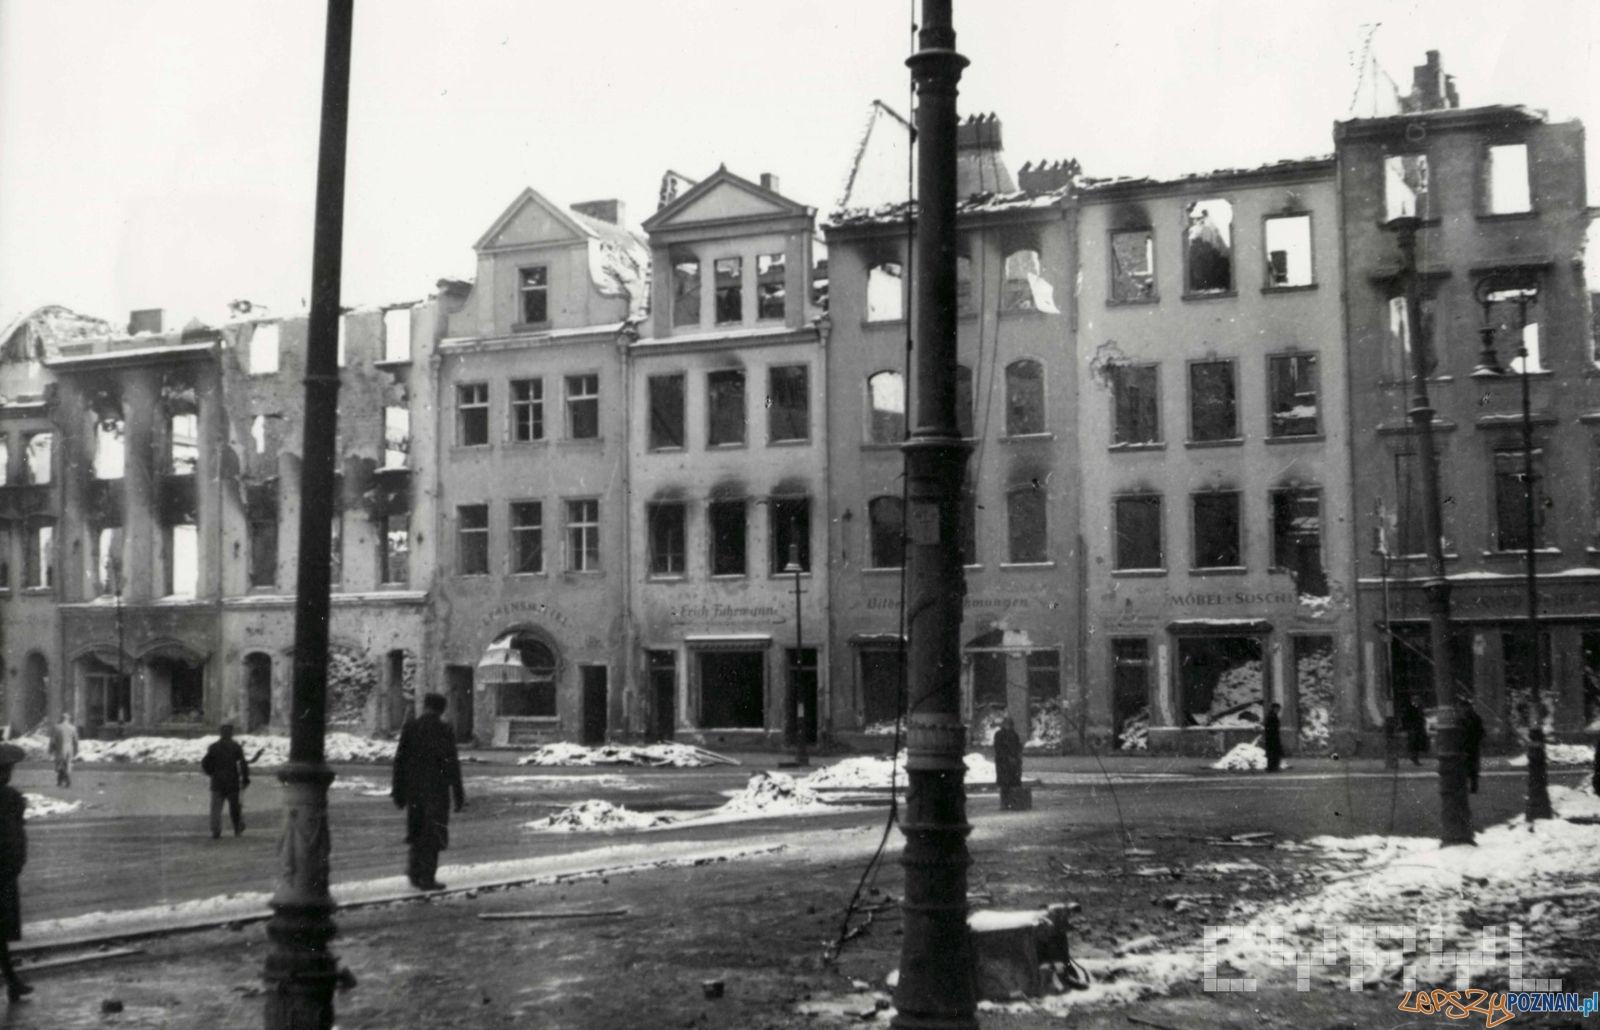 Wschodnia pierzeja Starego Rynku - poczatek 1945 r.